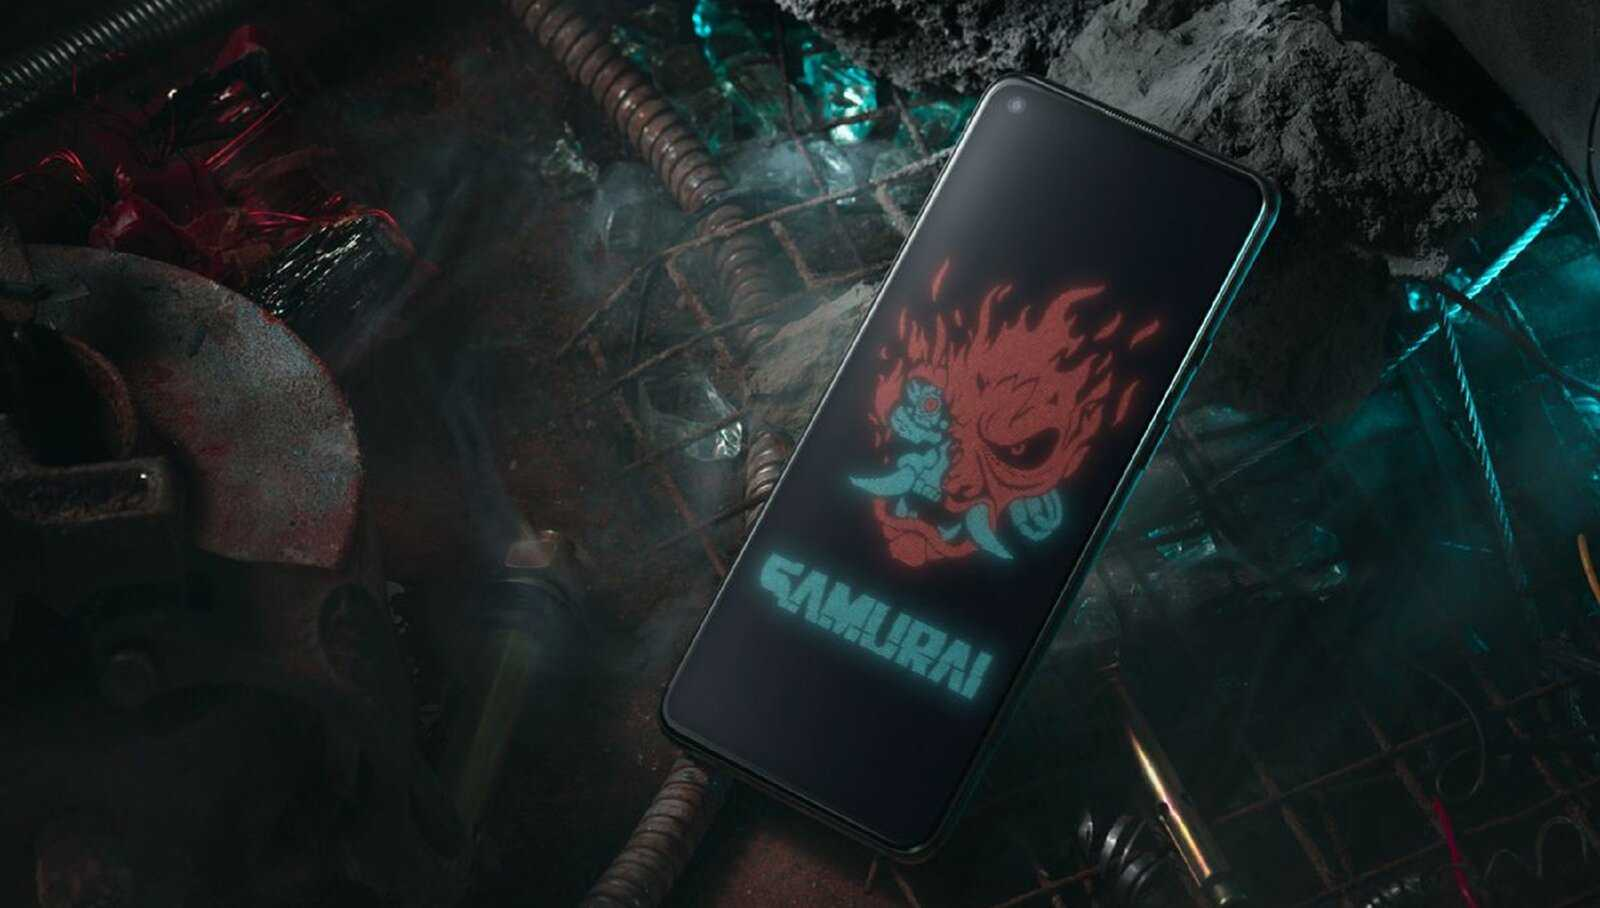 OnePlus 8T Cyberpunk, fonds d'écran officiels.